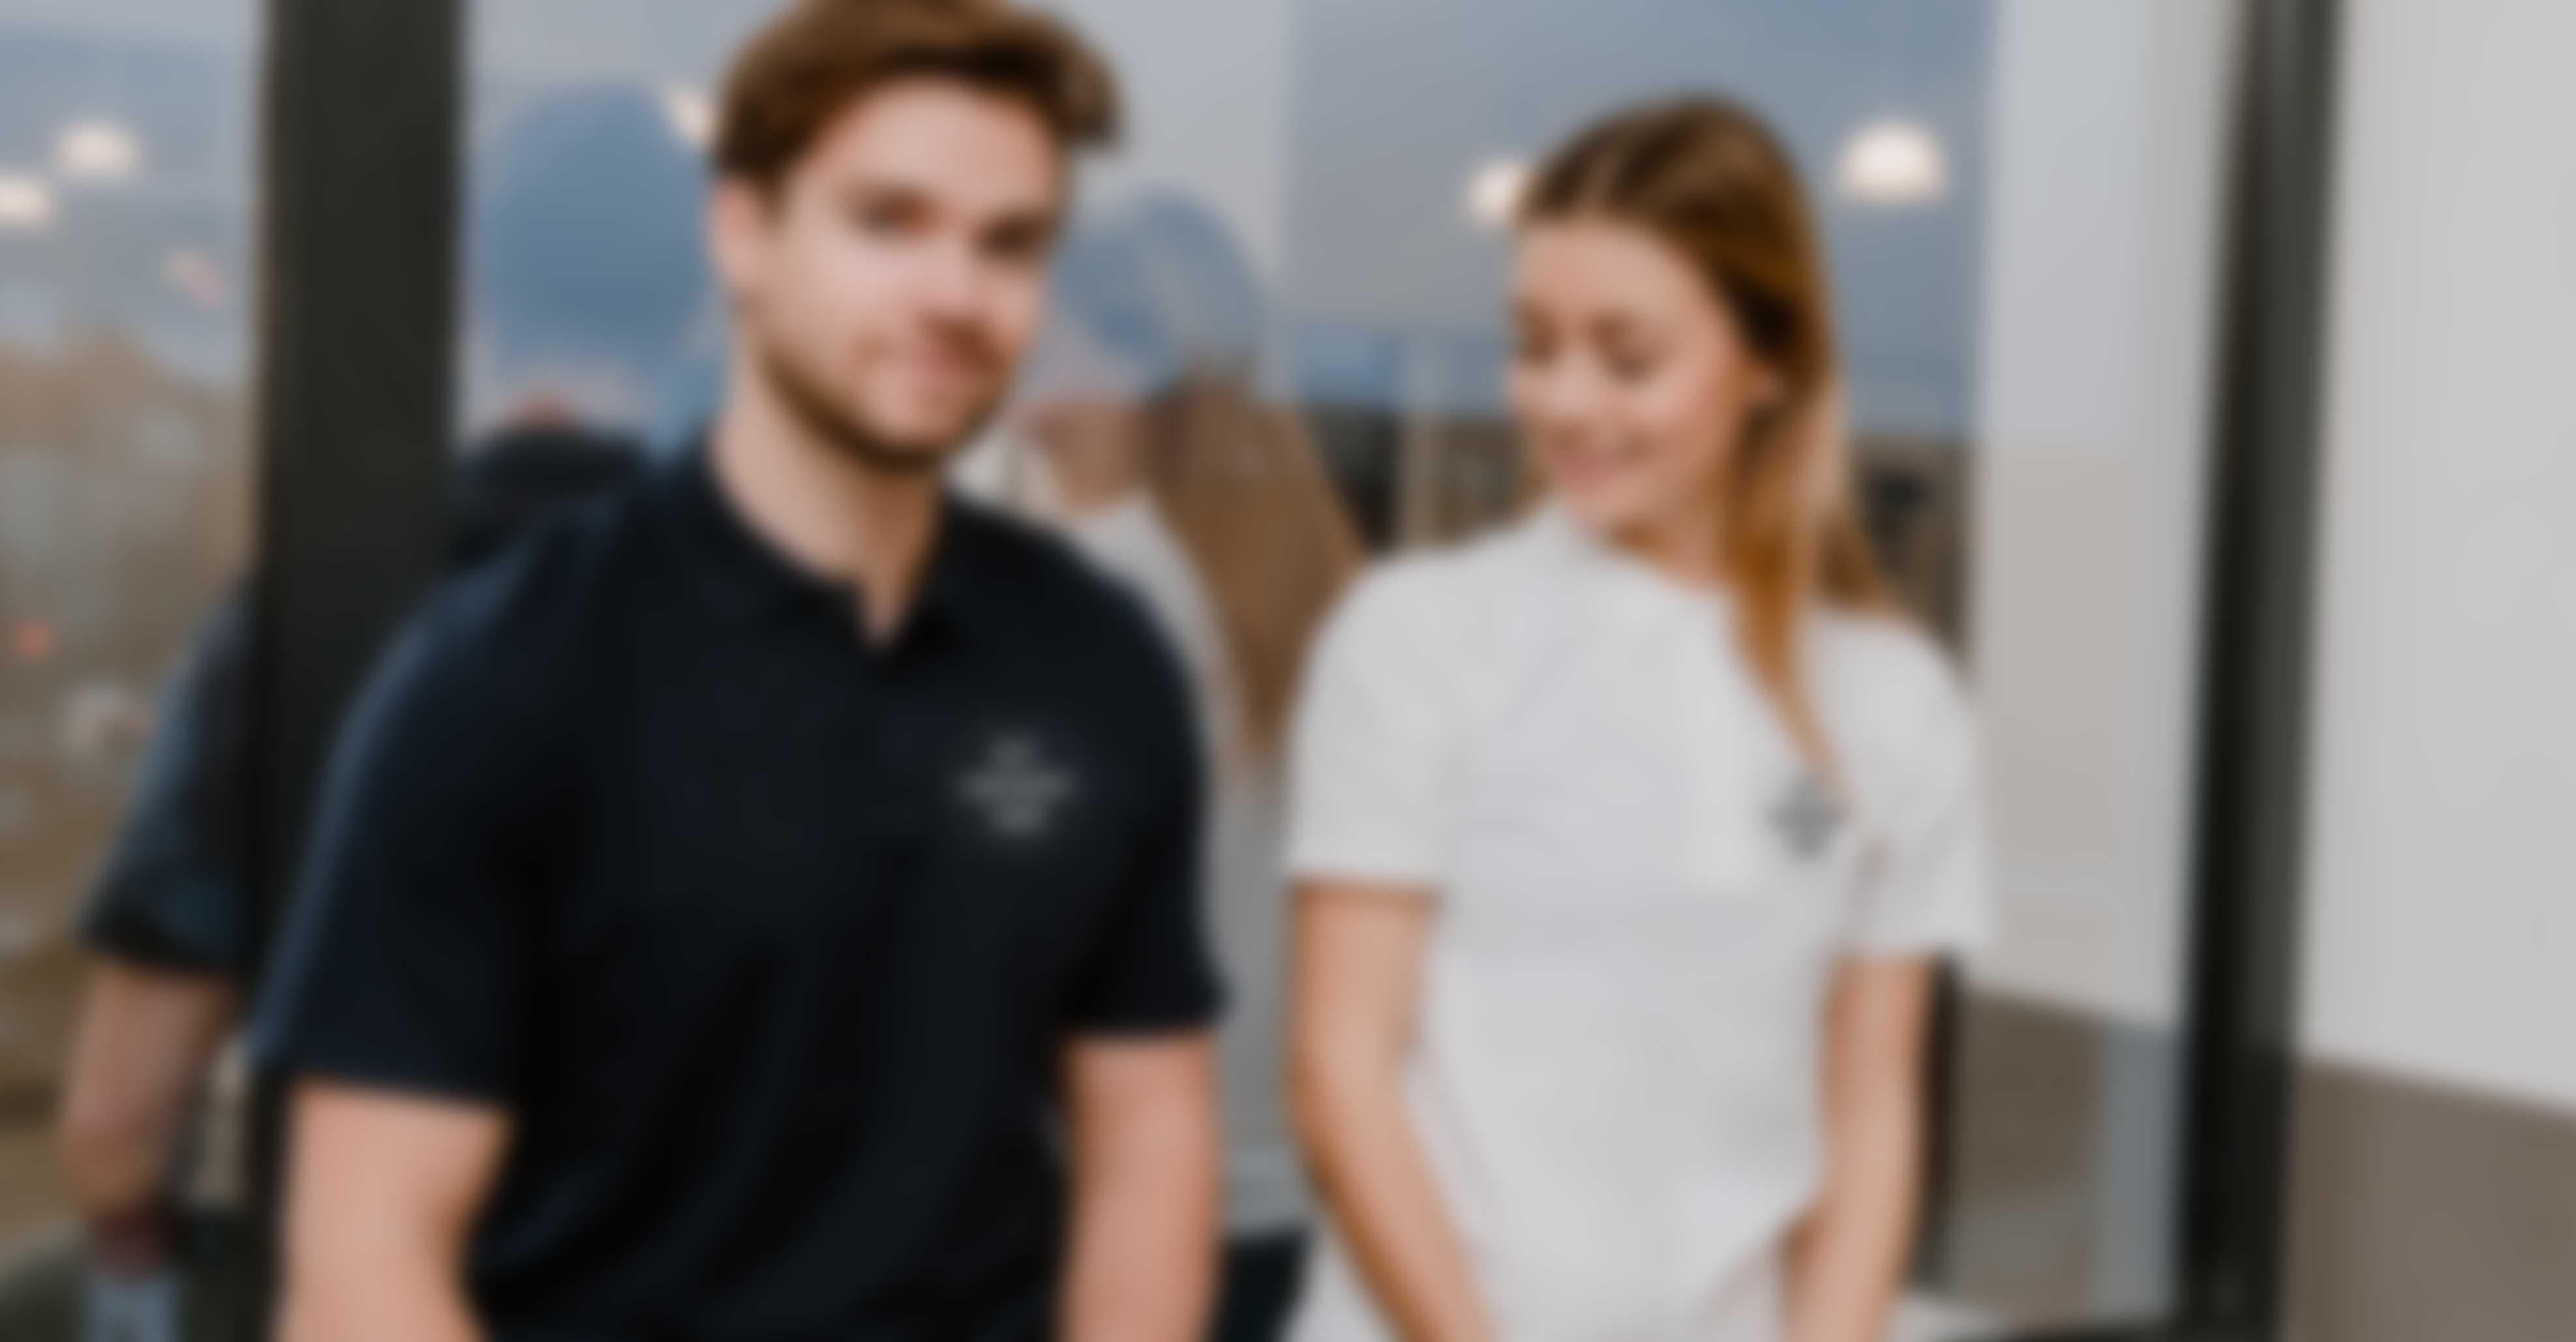 Ungt par sidder ved et vindue iført personaliserede poloshirts